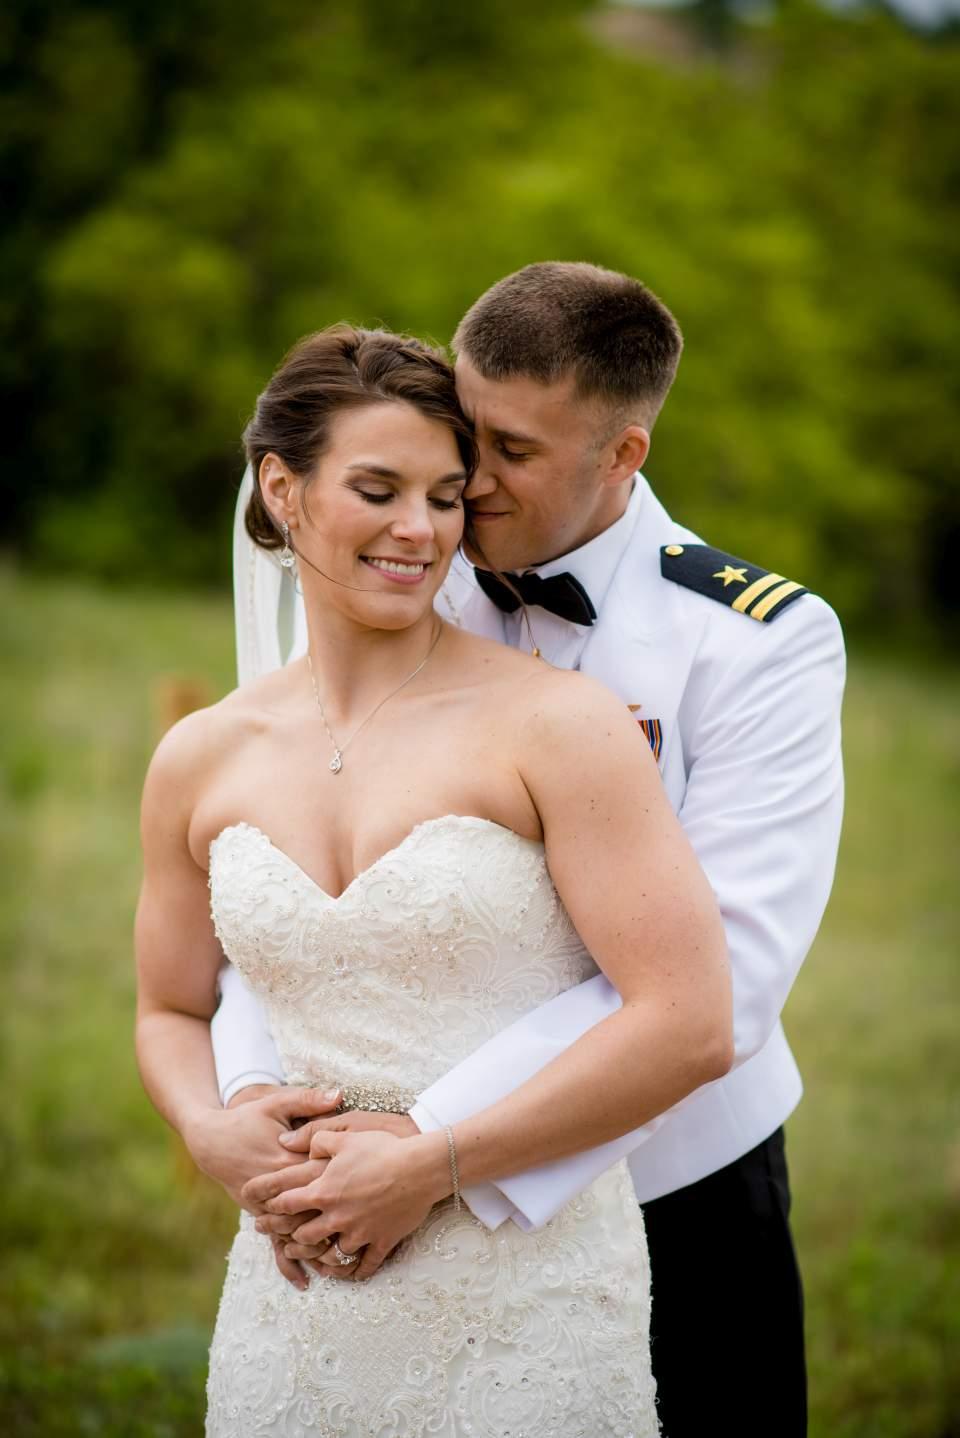 bride and groom hugging wedding photos